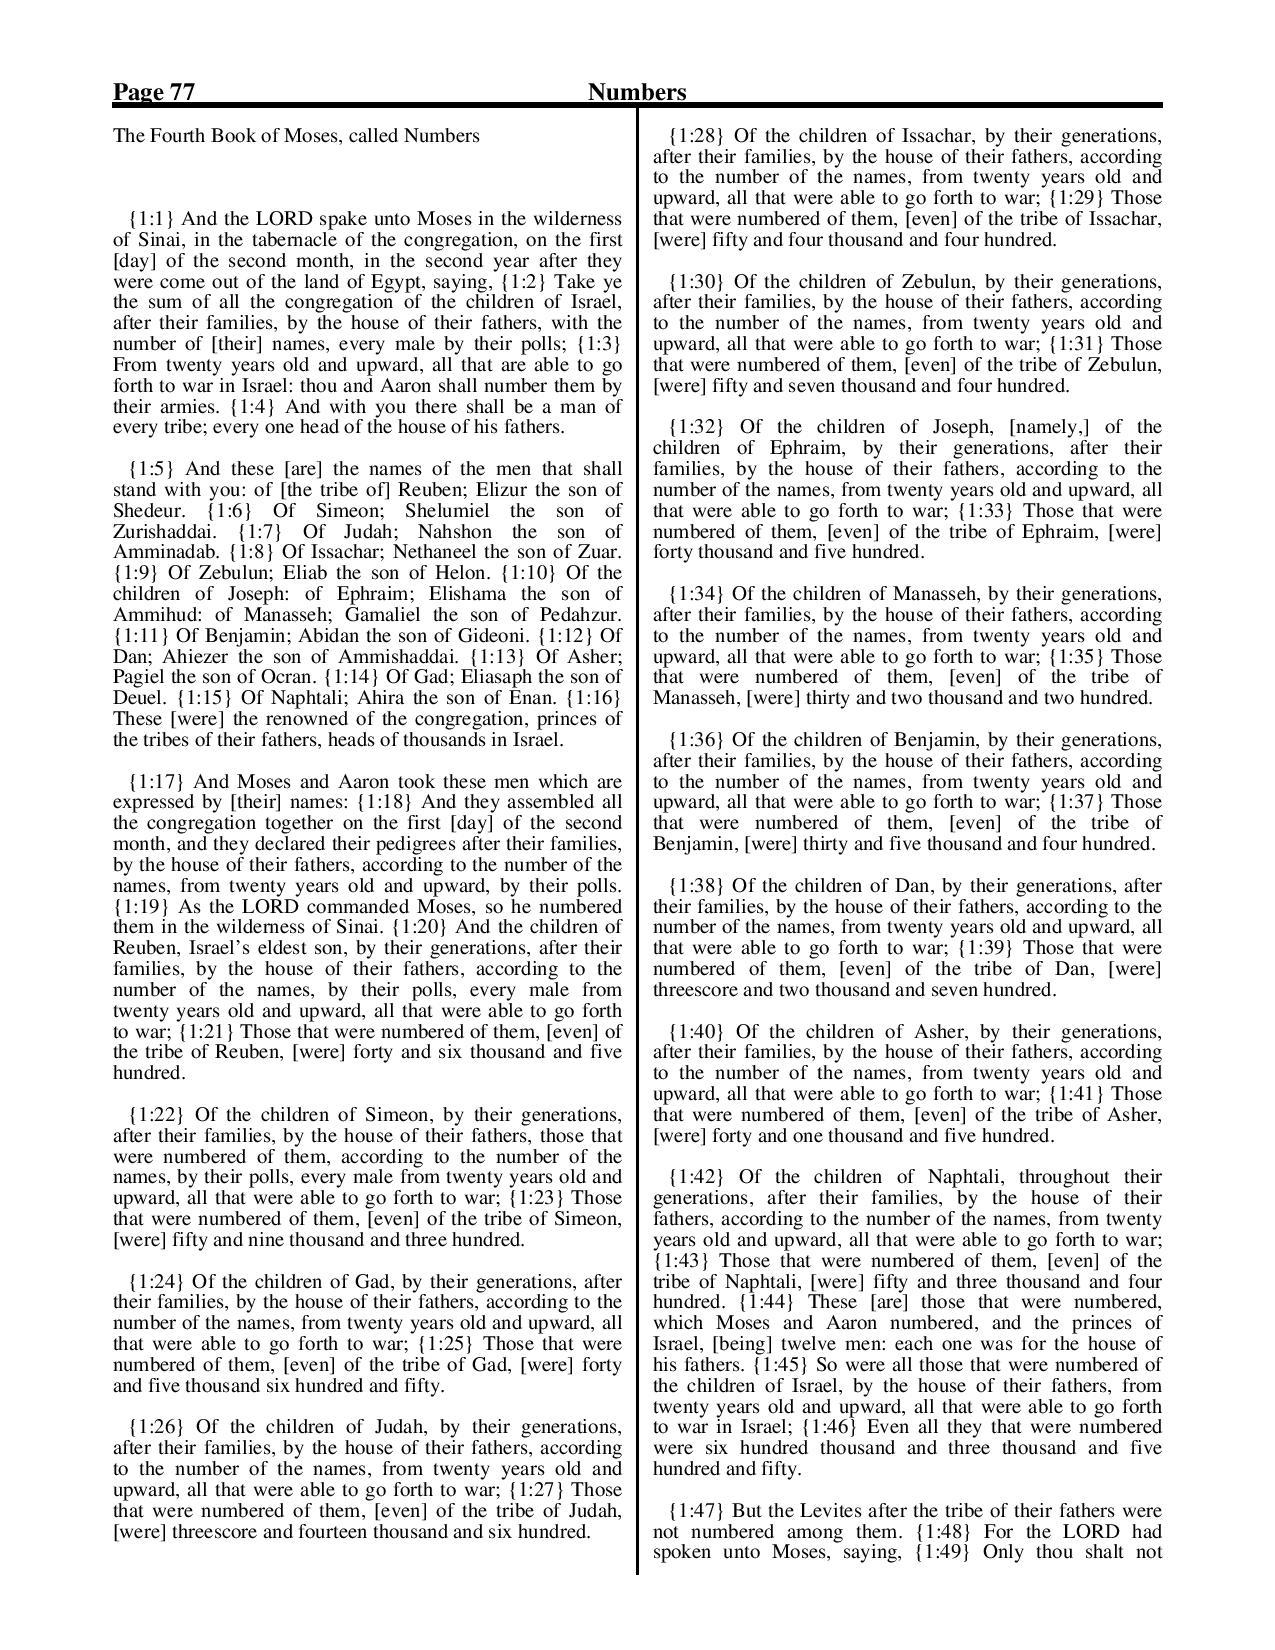 King-James-Bible-KJV-Bible-PDF-page-098